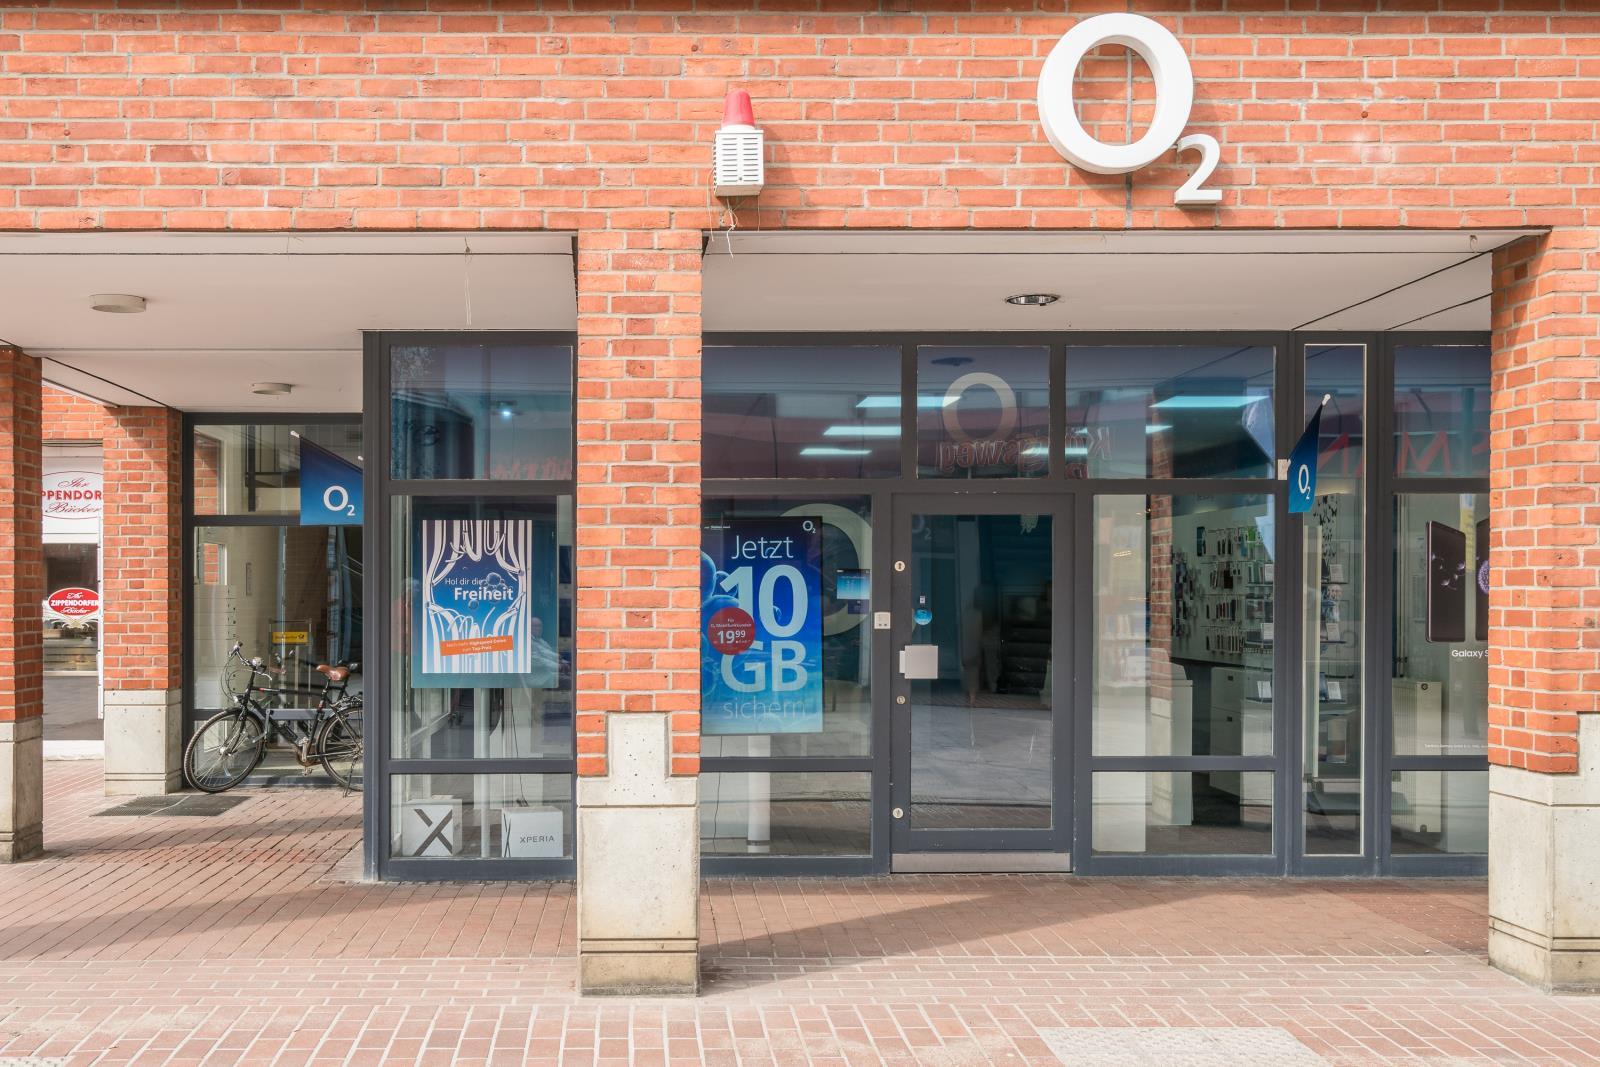 o2 Shop, Markttwiete 8 in Bad Schwartau